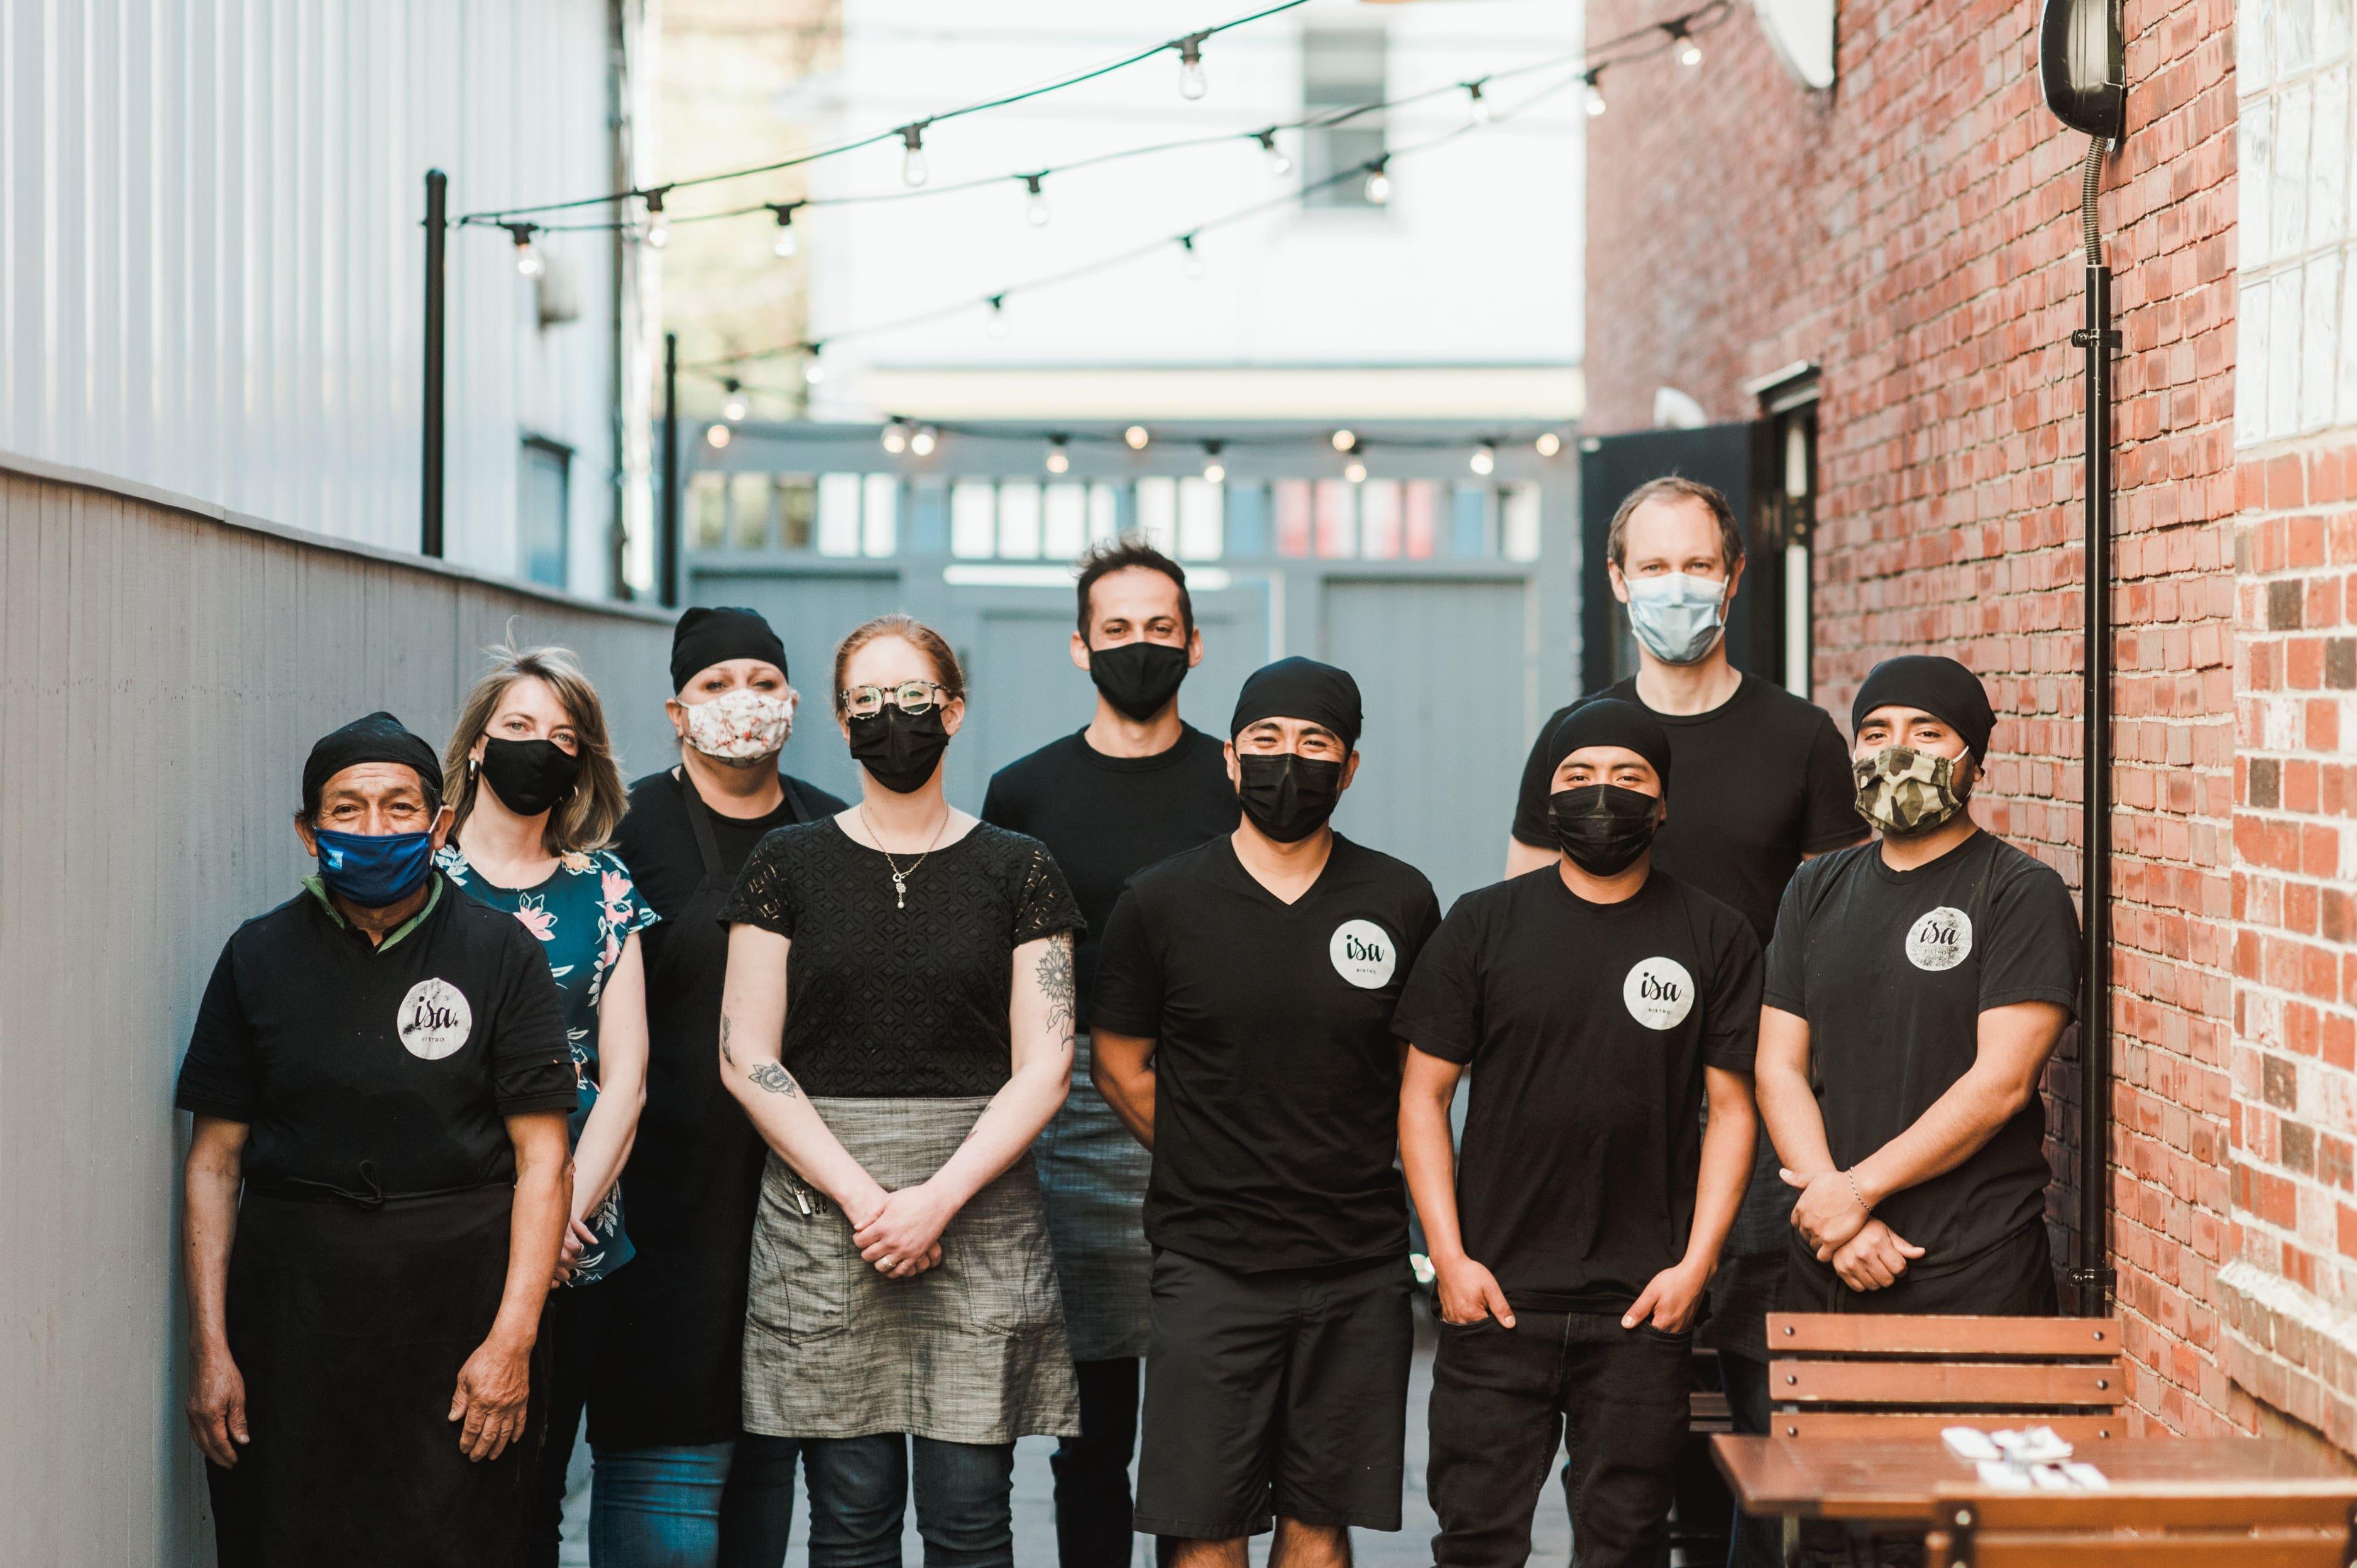 Isa Bistro Team members